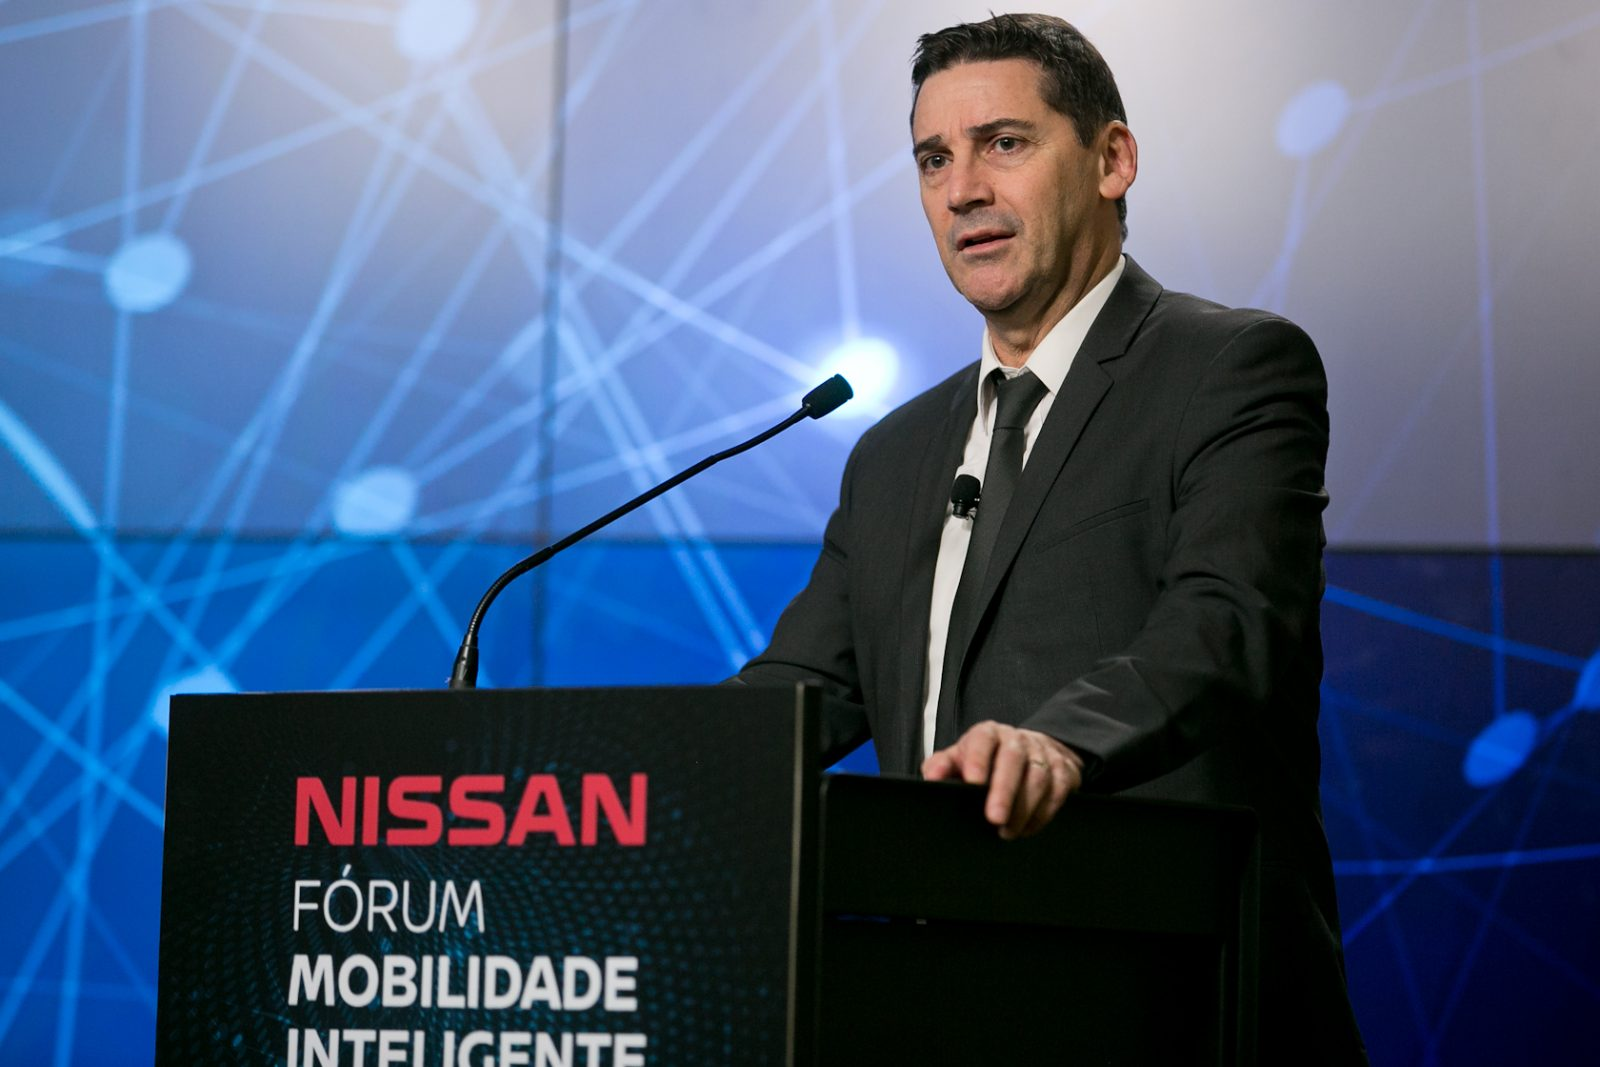 Nissan Fórum de Mobilidade Inteligente